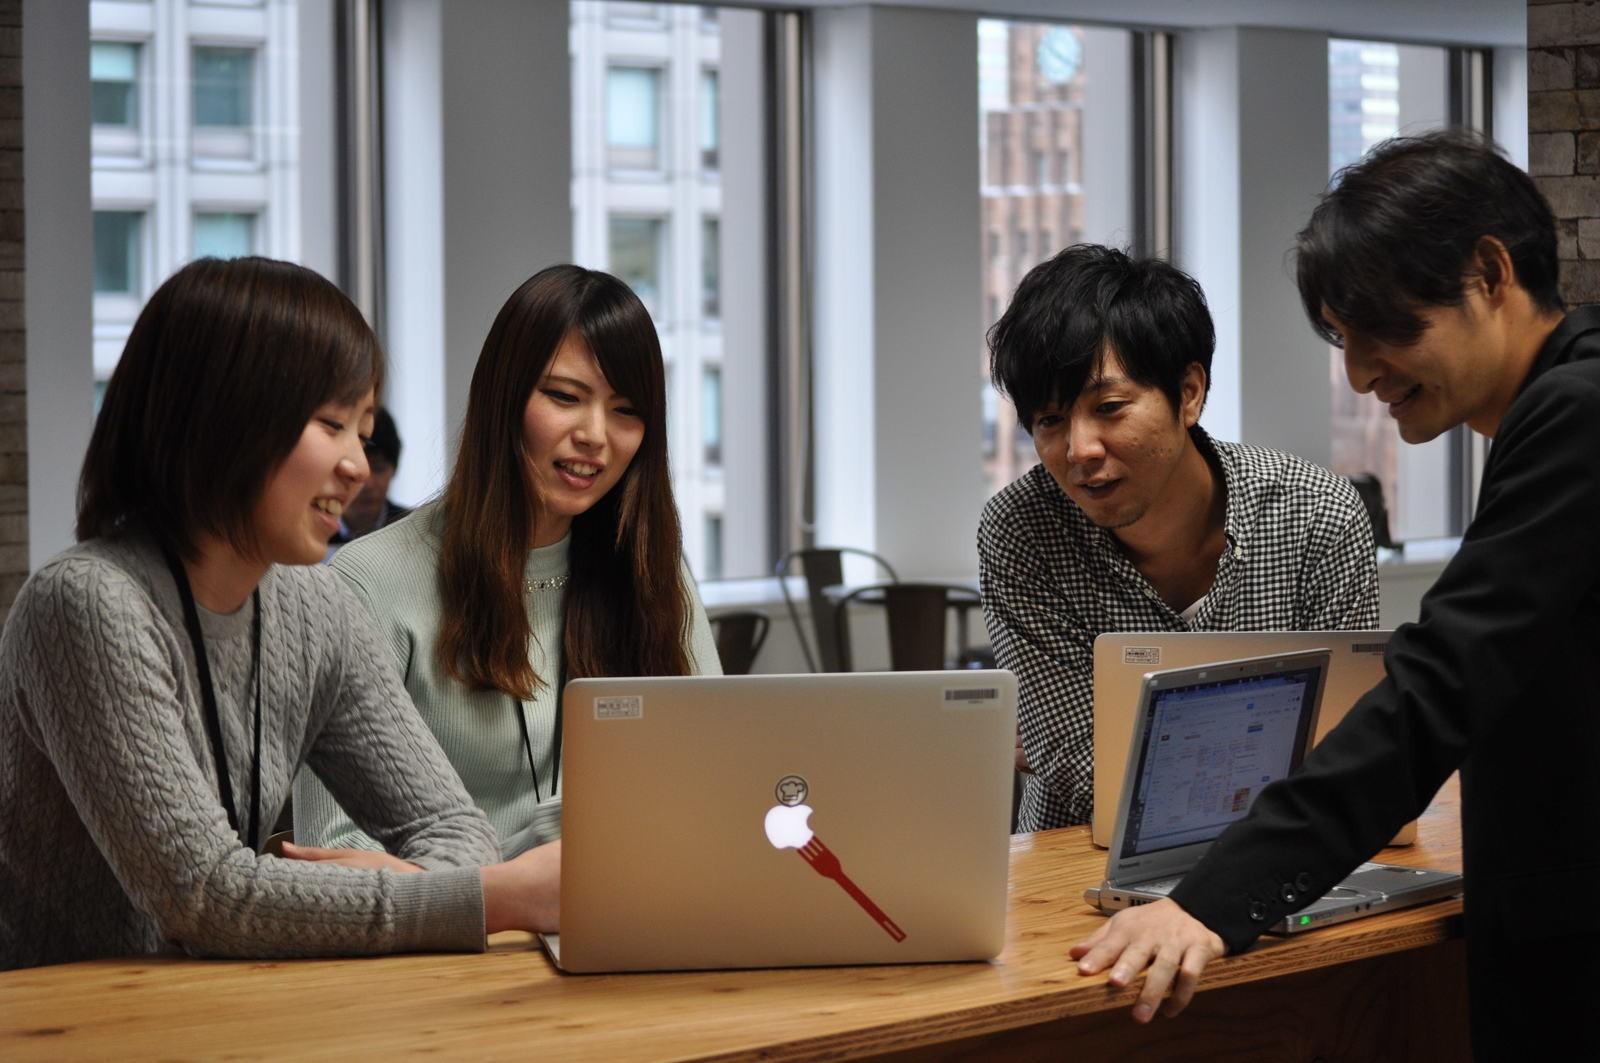 日本最大級のグルメサイト「ぐるなび」を支えてくれるWebエンジニア募集中!